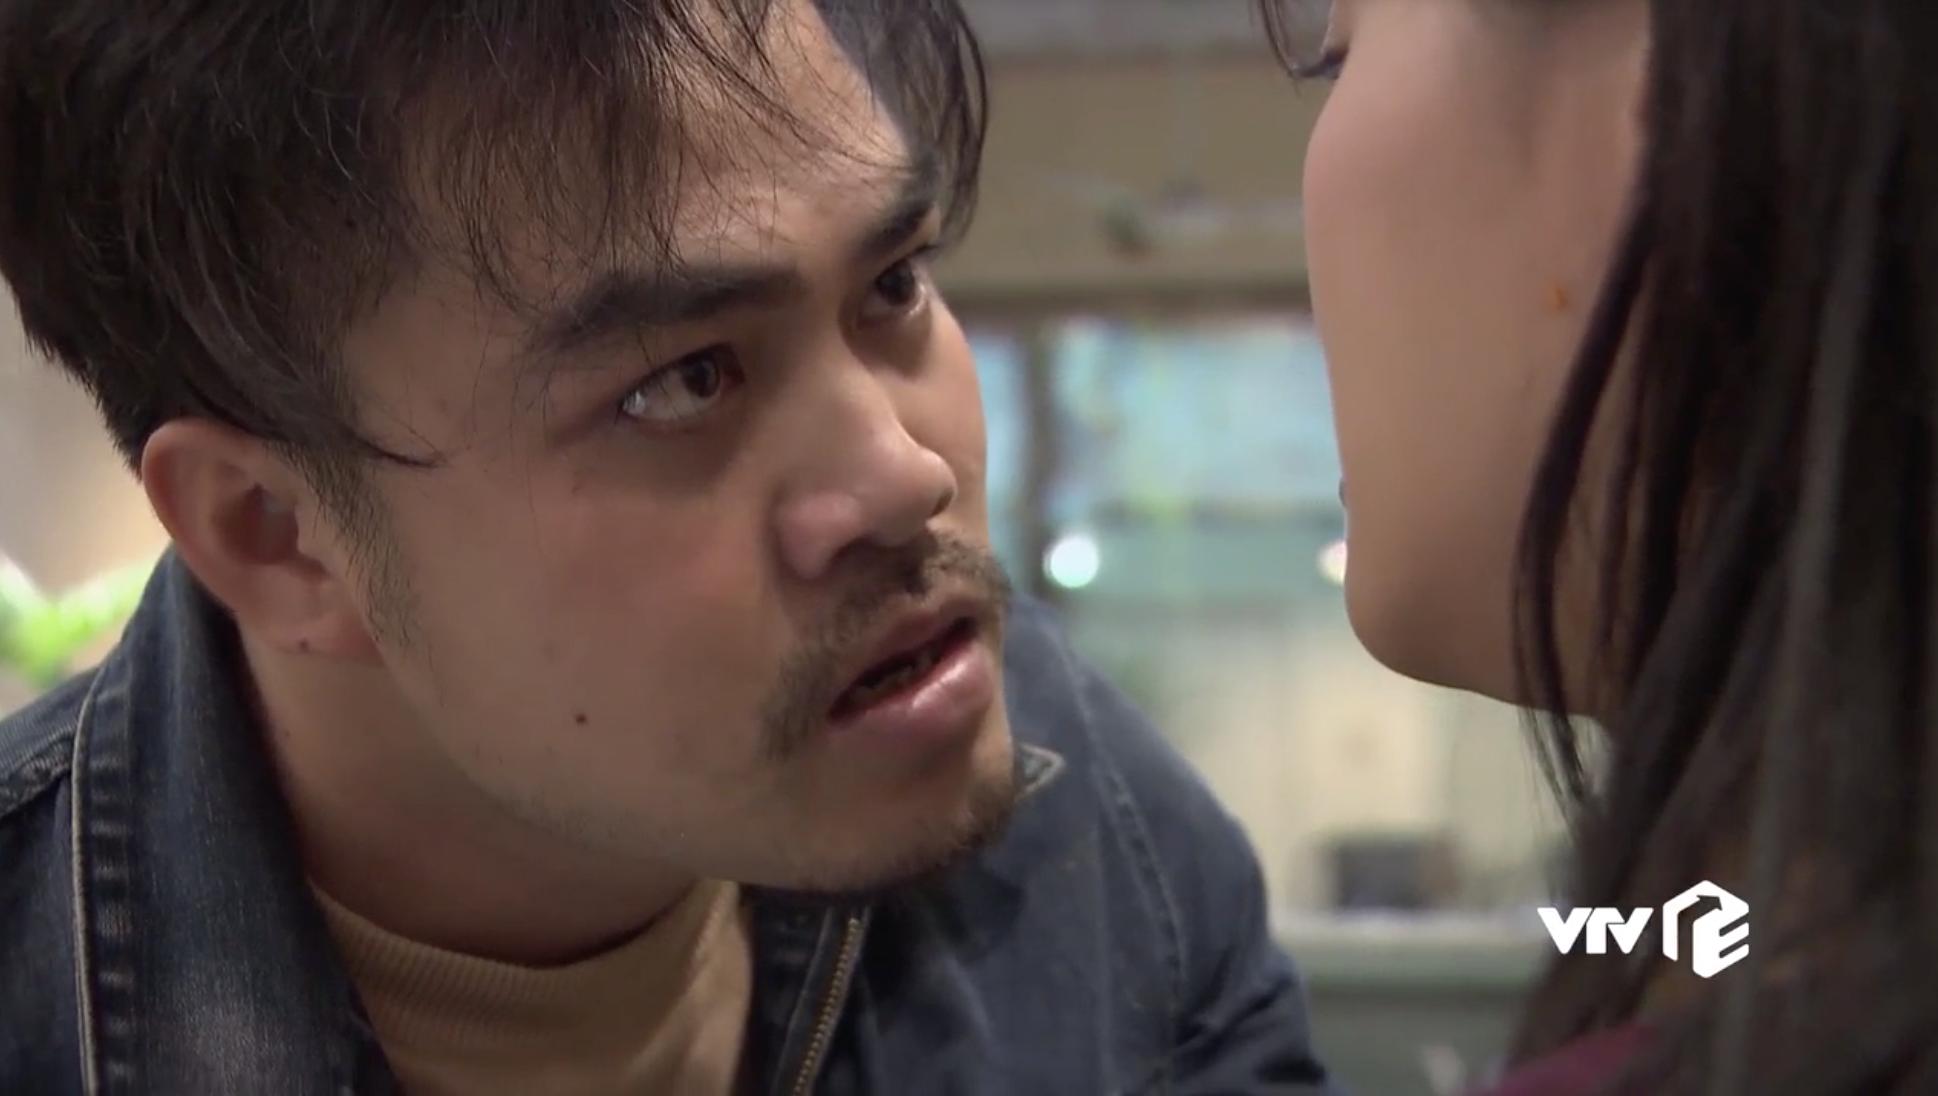 'Về nhà đi con' tập 31: Đang ở bên tình cũ, Huệ bị chồng cảnh cáo đừng để... chửa hoang giống Thư - Ảnh 8